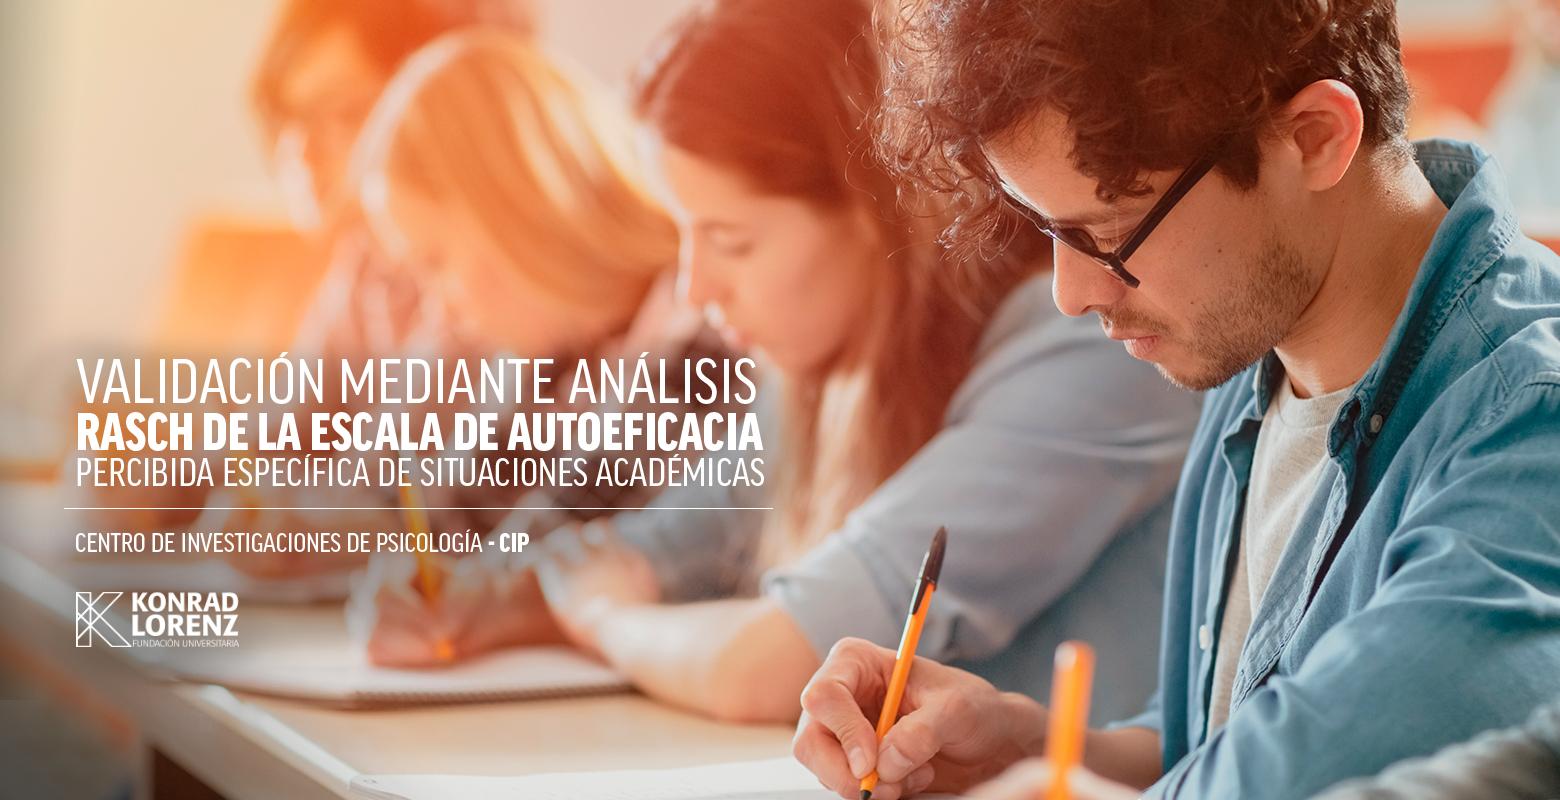 Validación mediante análisis RASCH de la escala de autoeficiencia percibida específica de situación académicas